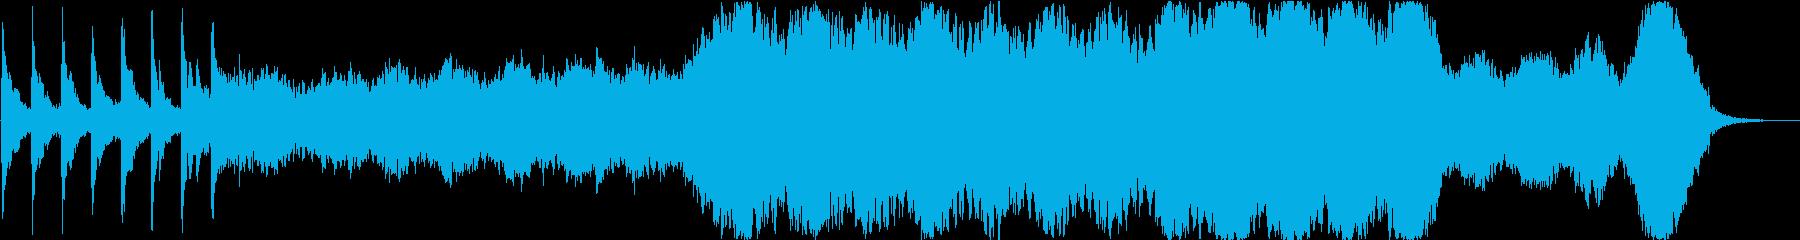 ストリングが際立つ深く美しい楽曲の再生済みの波形